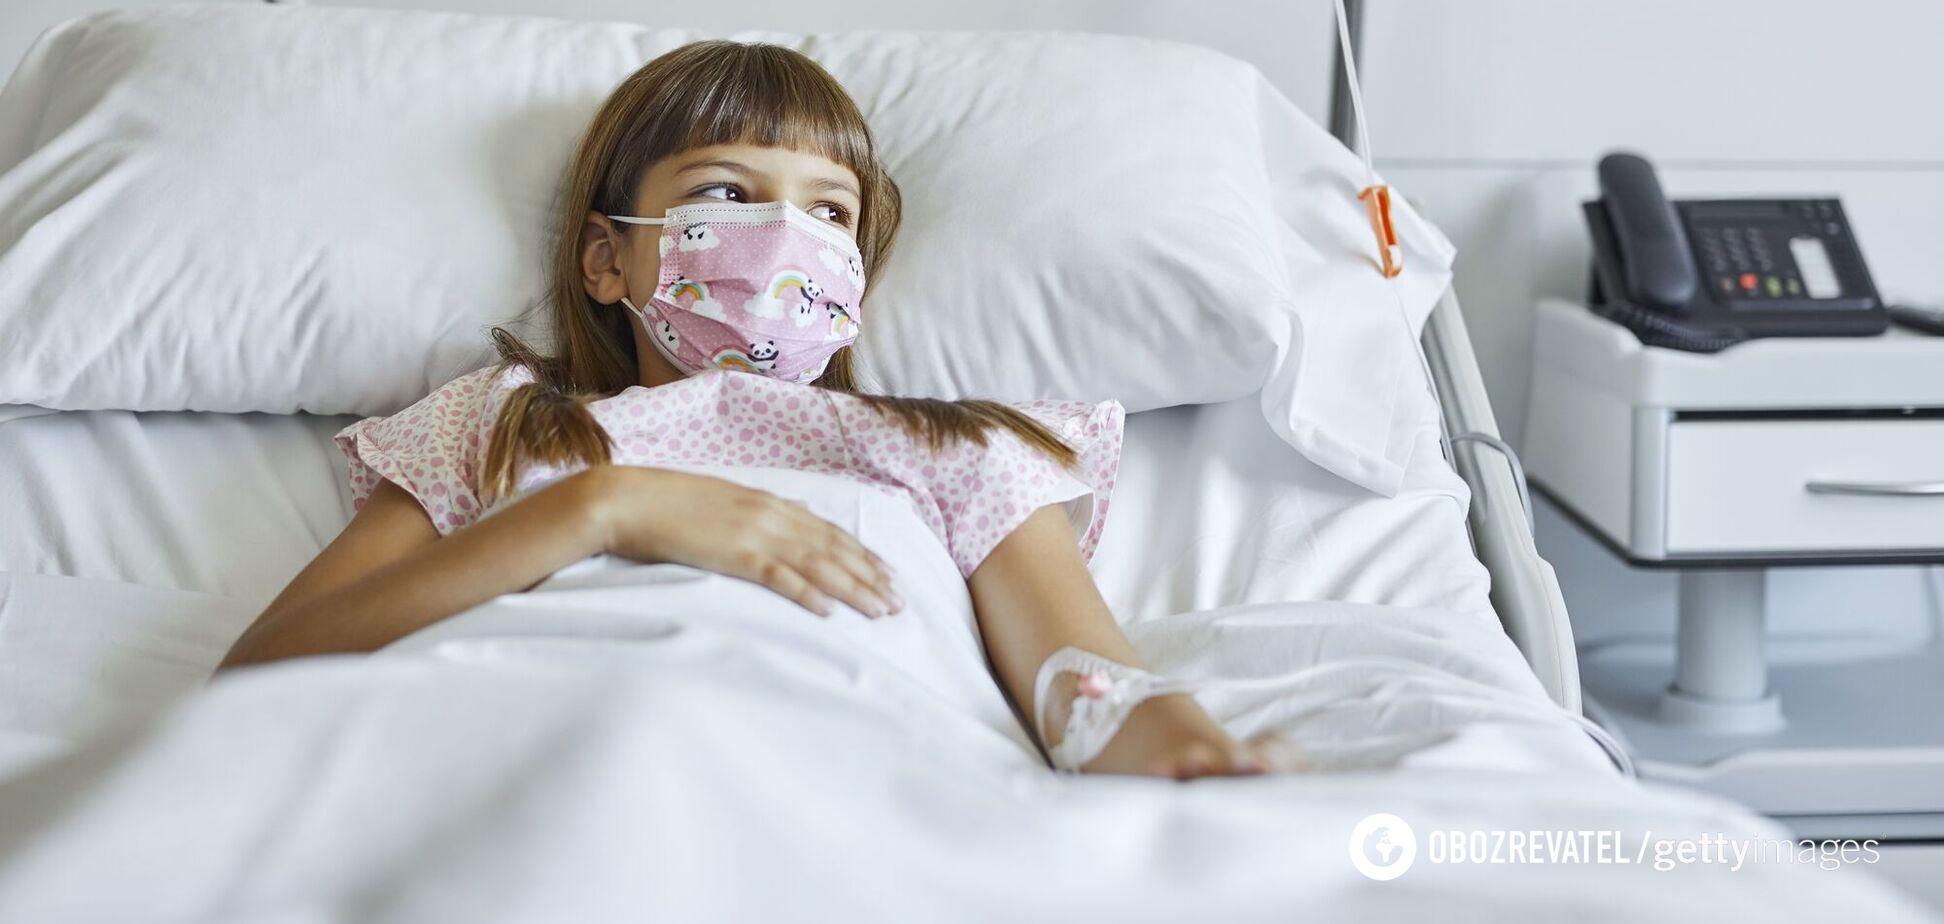 Дети по всему миру начали массово заражаться малоизвестным вирусом – врачи